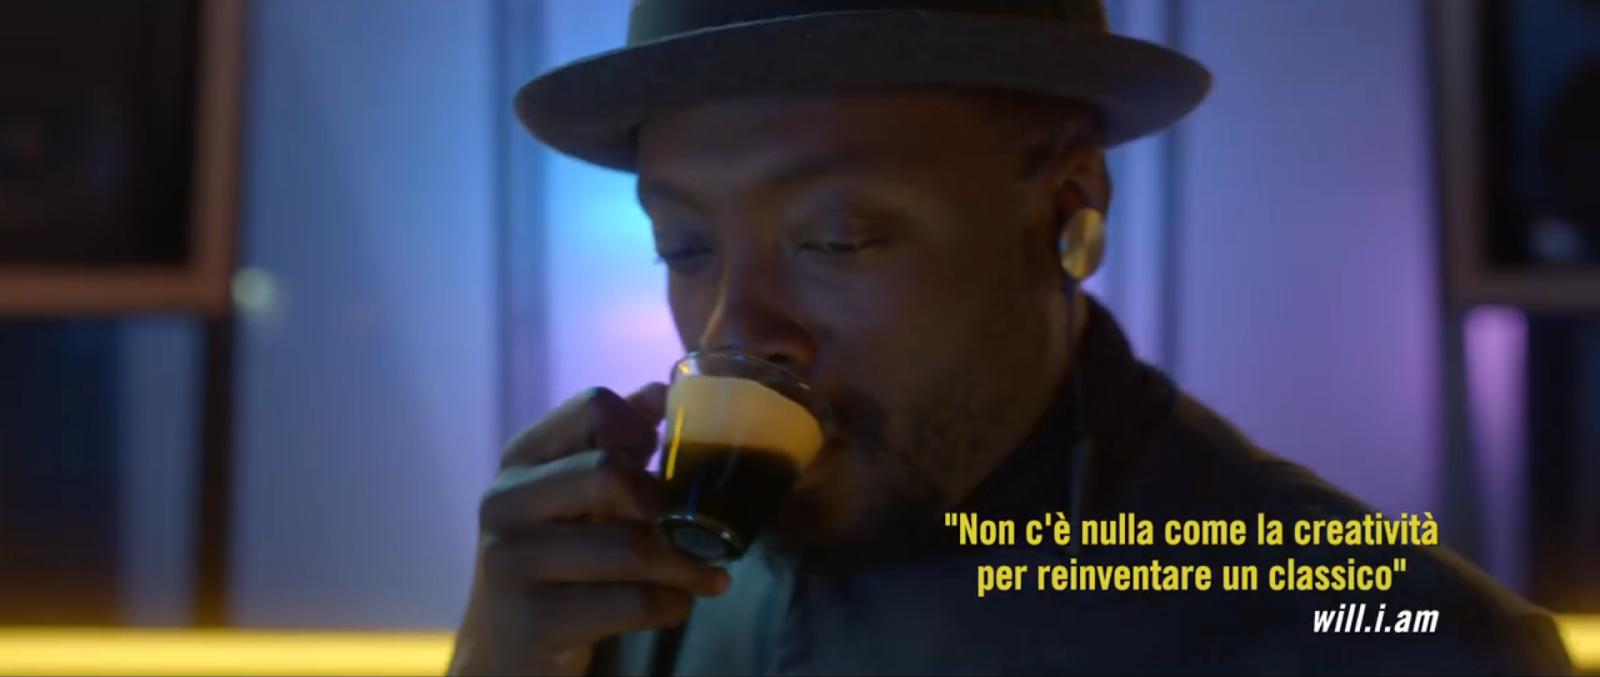 Canzone Nescafe Dolce Gusto Pubblicità | Musica spot con will.i.am Settembre 2016